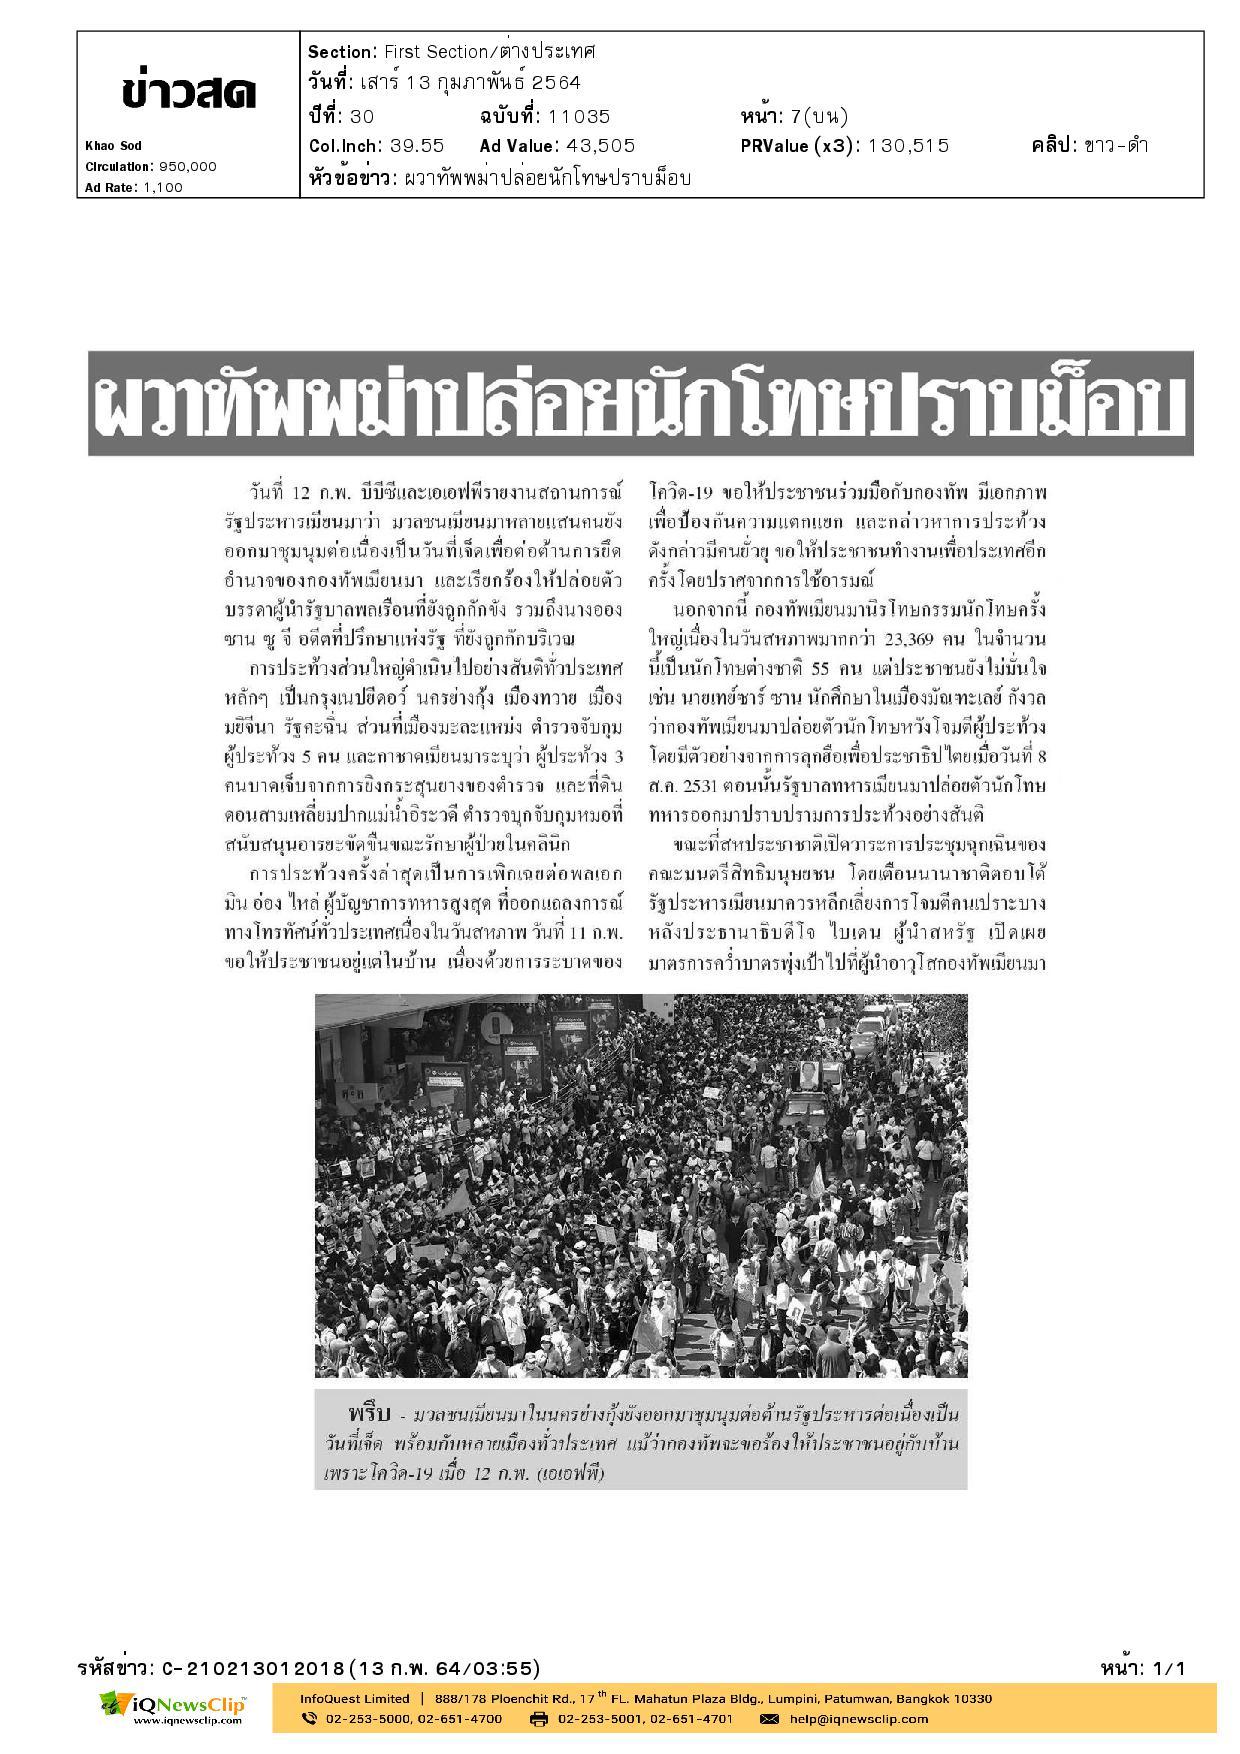 กาชาดเมียนมา รายงานสถานการณ์รัฐประหารในประเทศเมียนมา